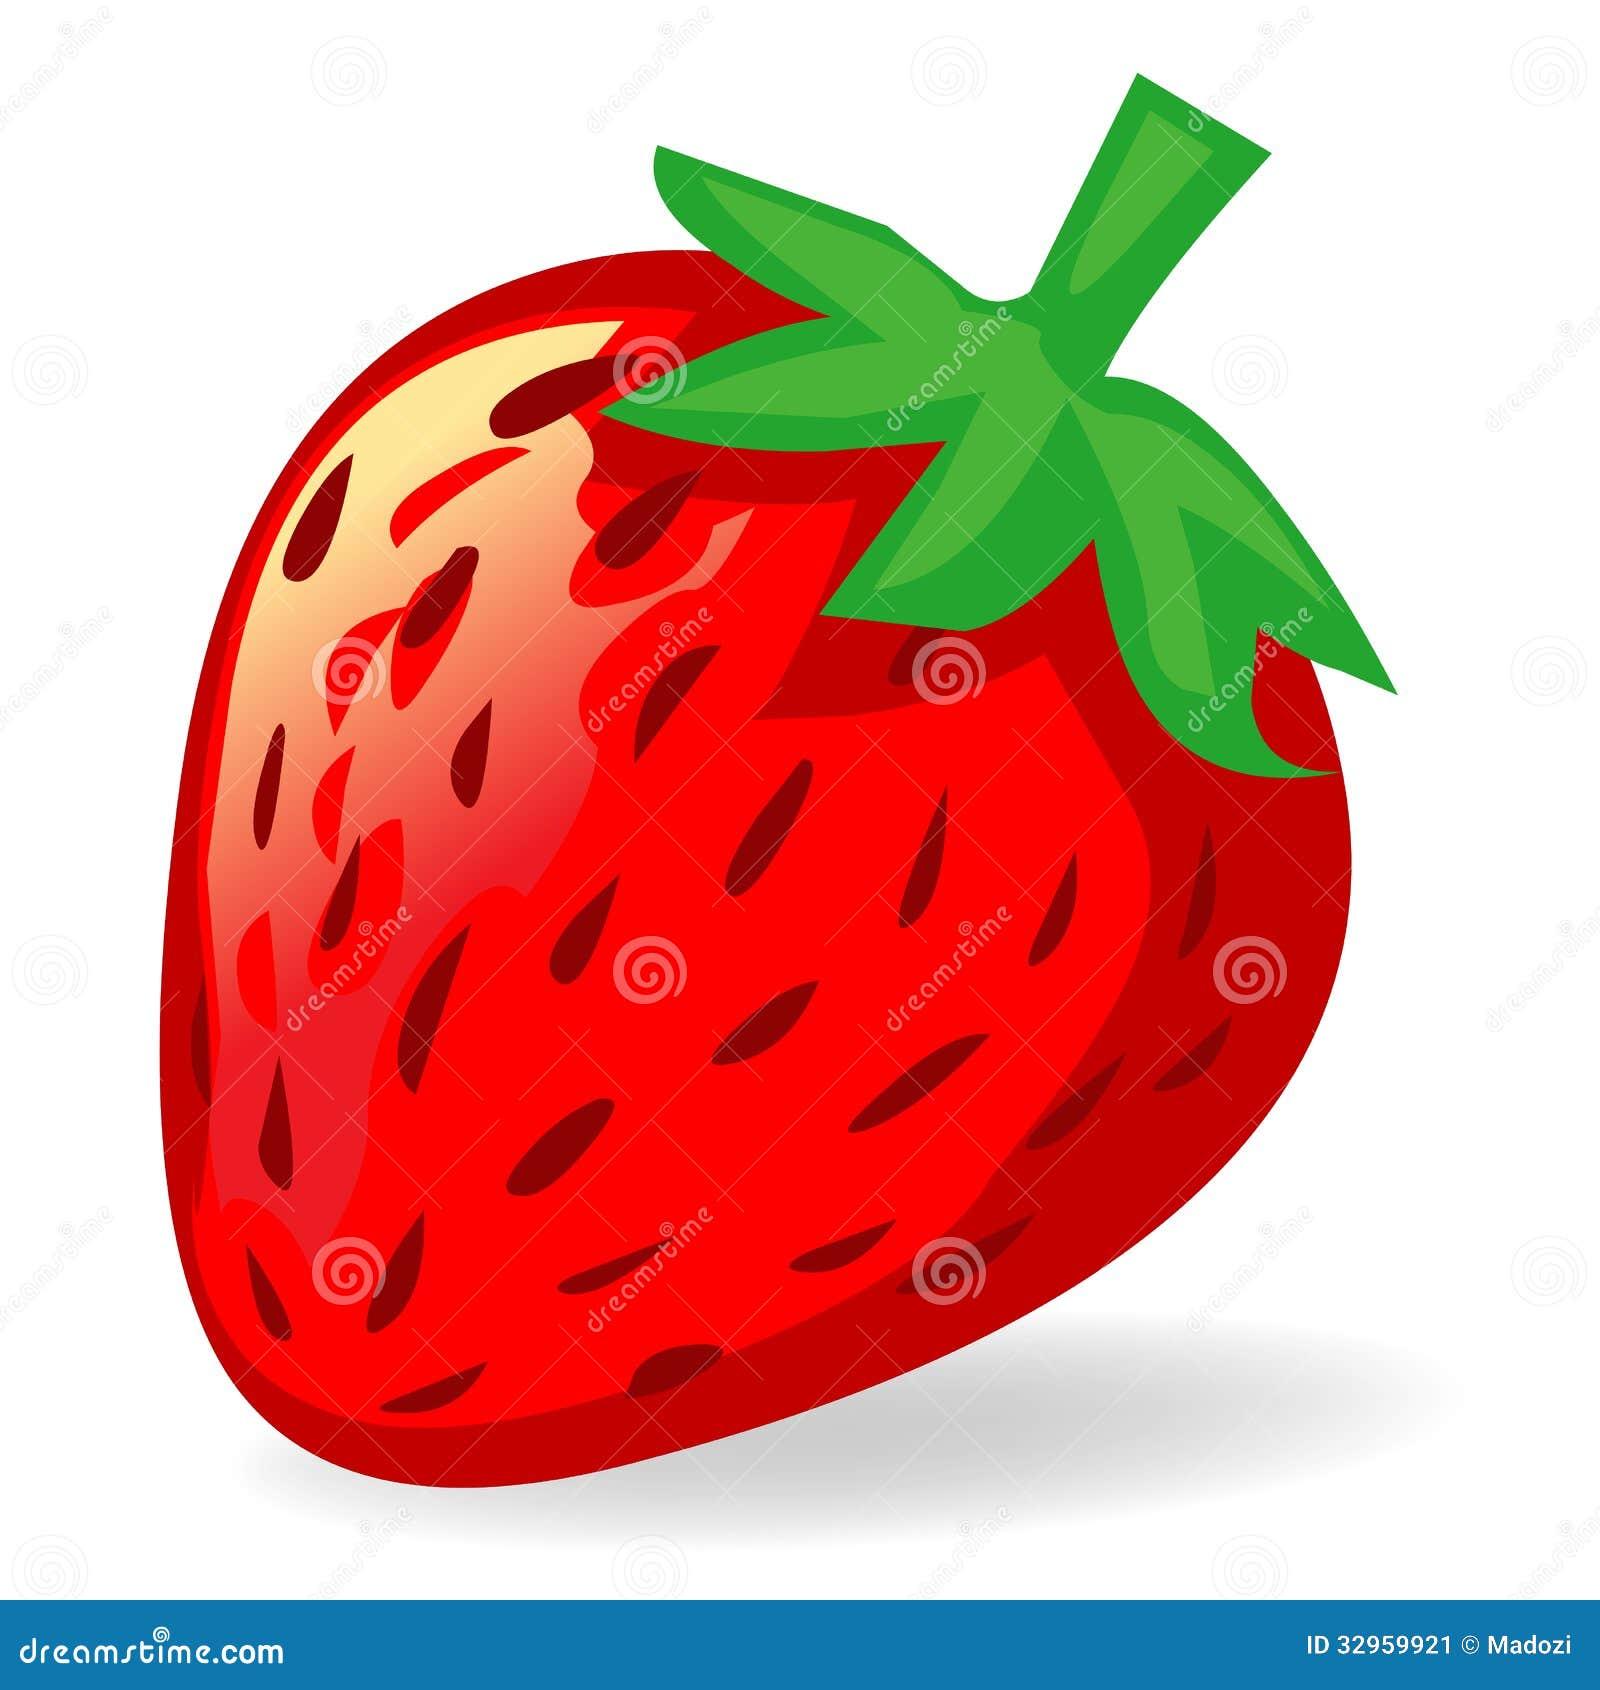 Strawberry Illustration Stock Image - Image: 32959921